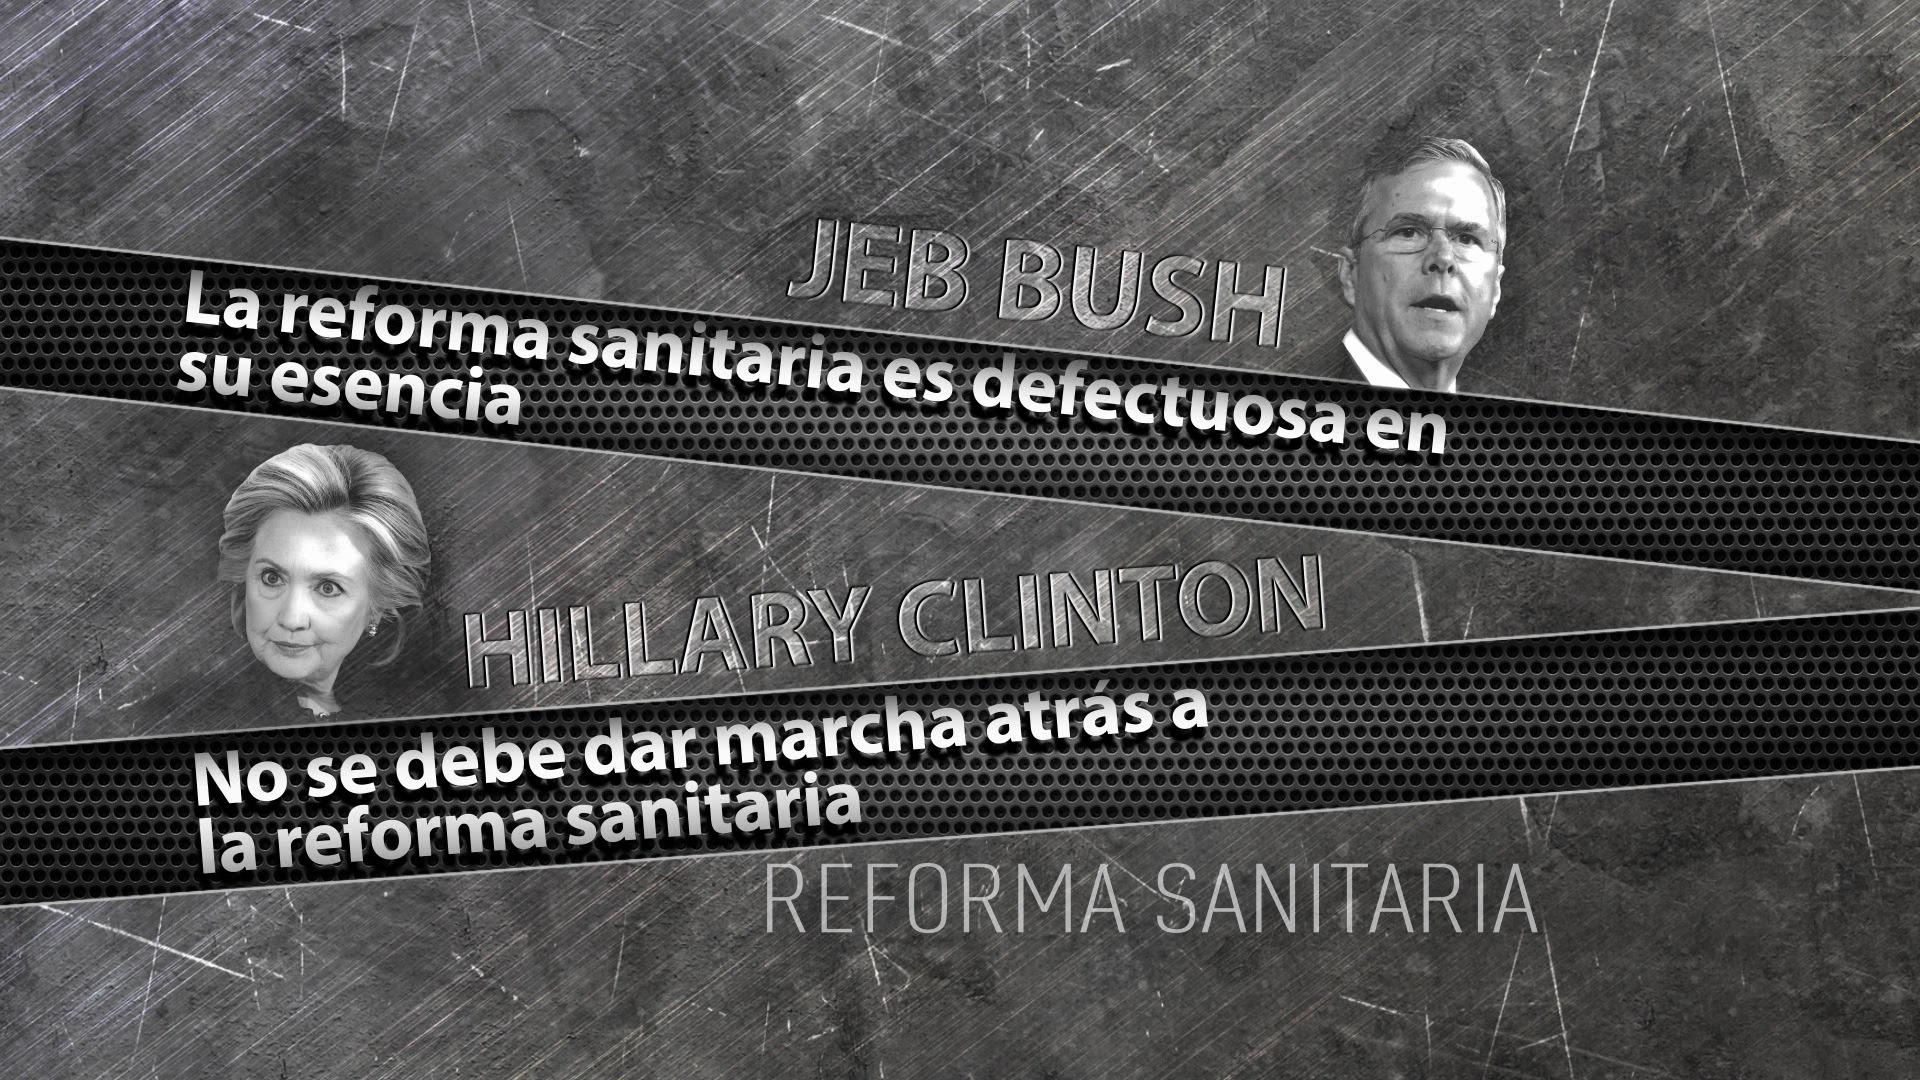 Las posturas de Jeb Bush y Hillary Clinton sobre la reforma sanitaria